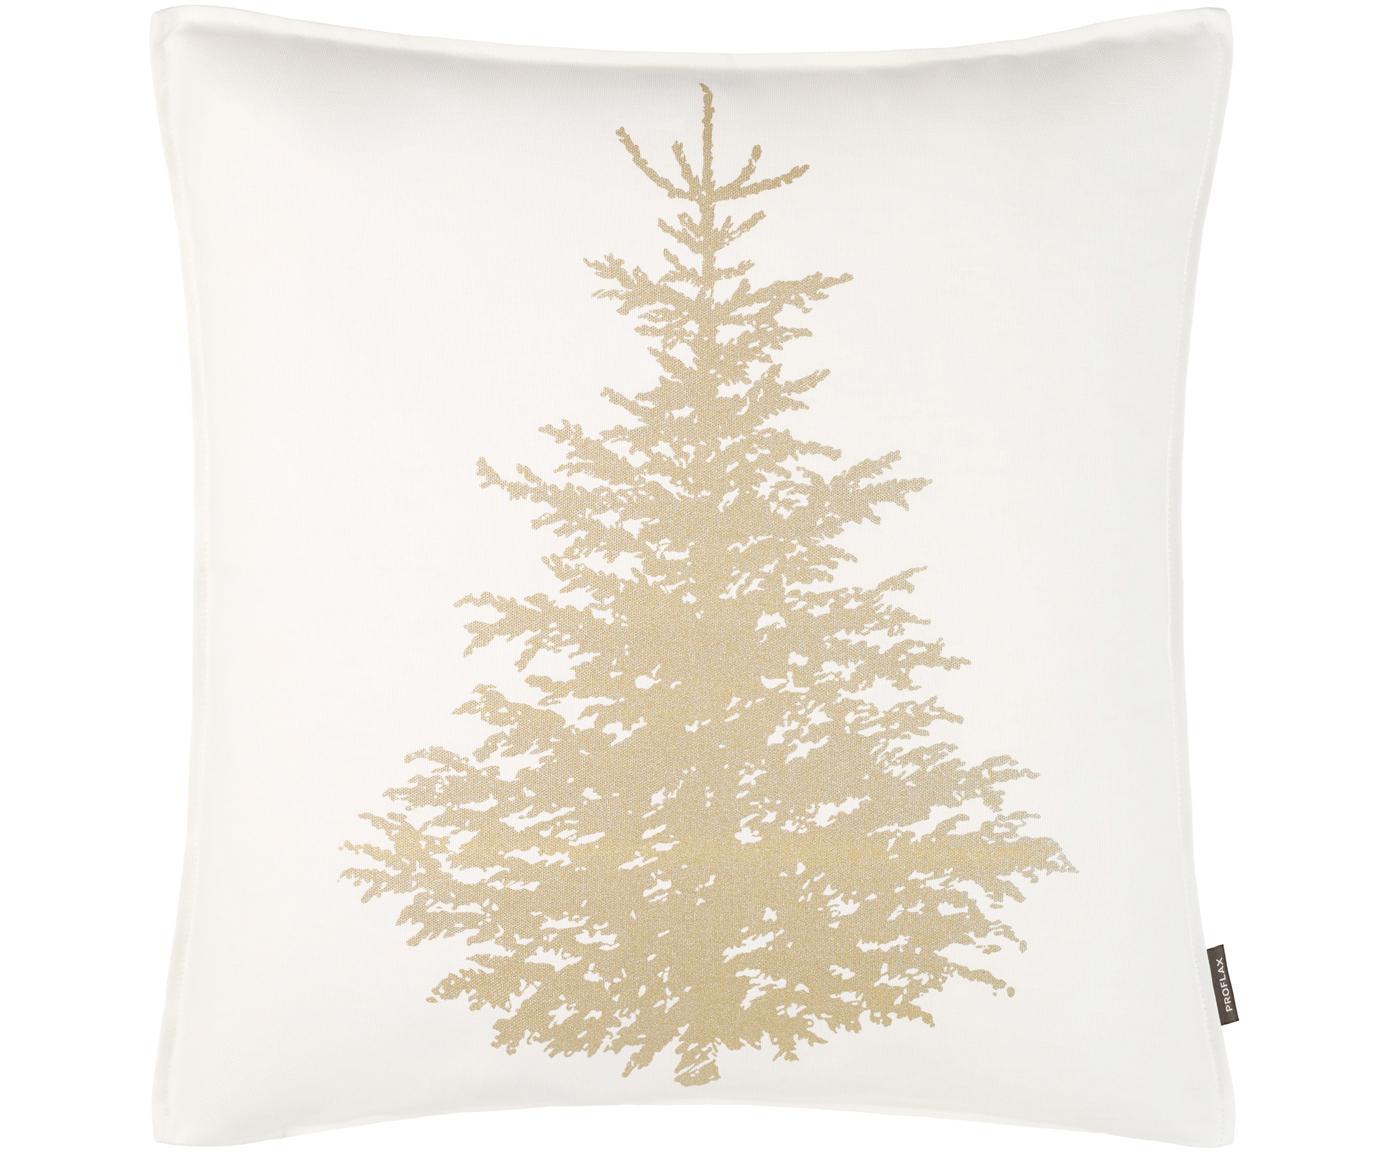 Kissenhülle Norton mit goldenem Tannenbaum, Baumwolle, Weiß, Goldfarben, 50 x 50 cm